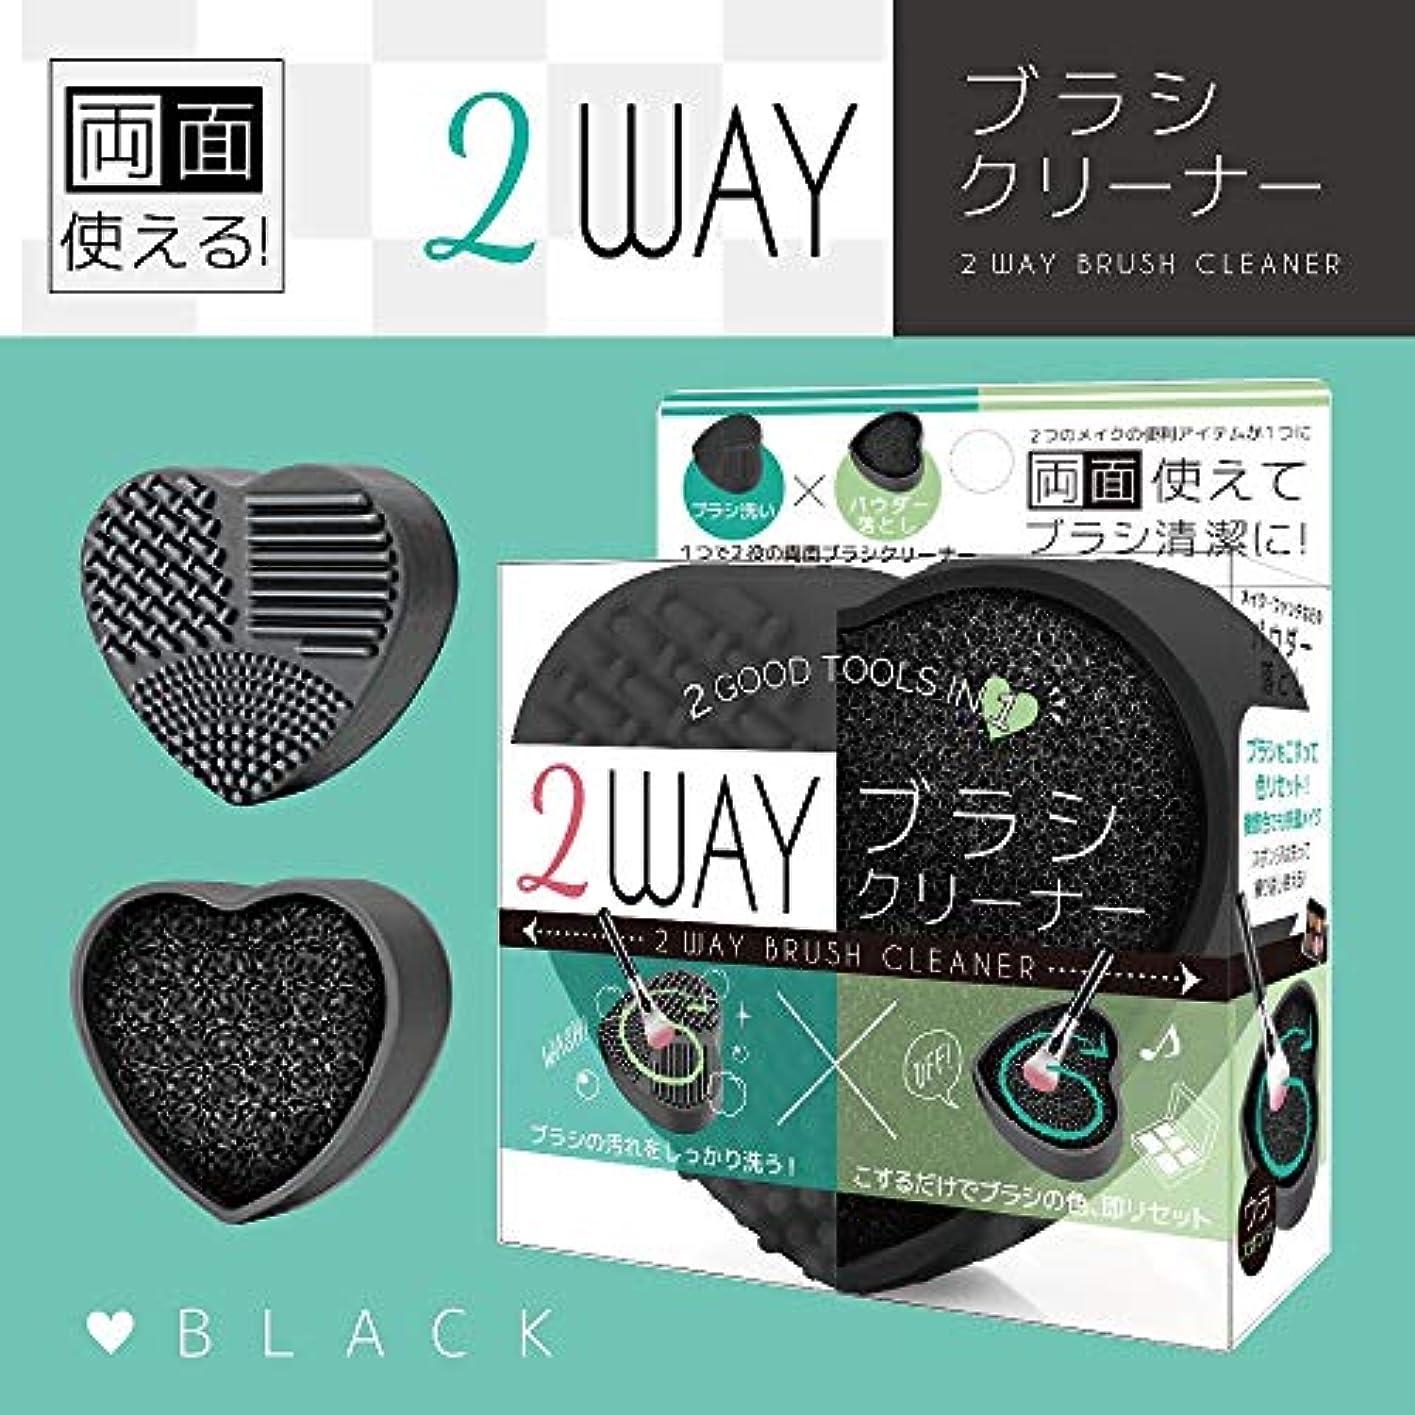 熱意ありがたい洗剤2WAYブラシクリーナー ブラック BC02